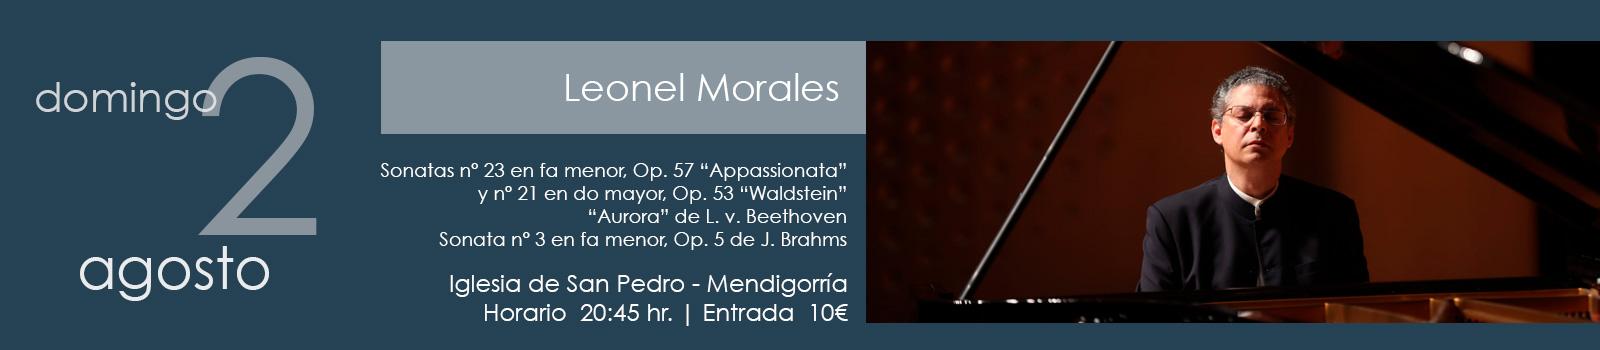 Festival Mendigorria - 26 julio 2019